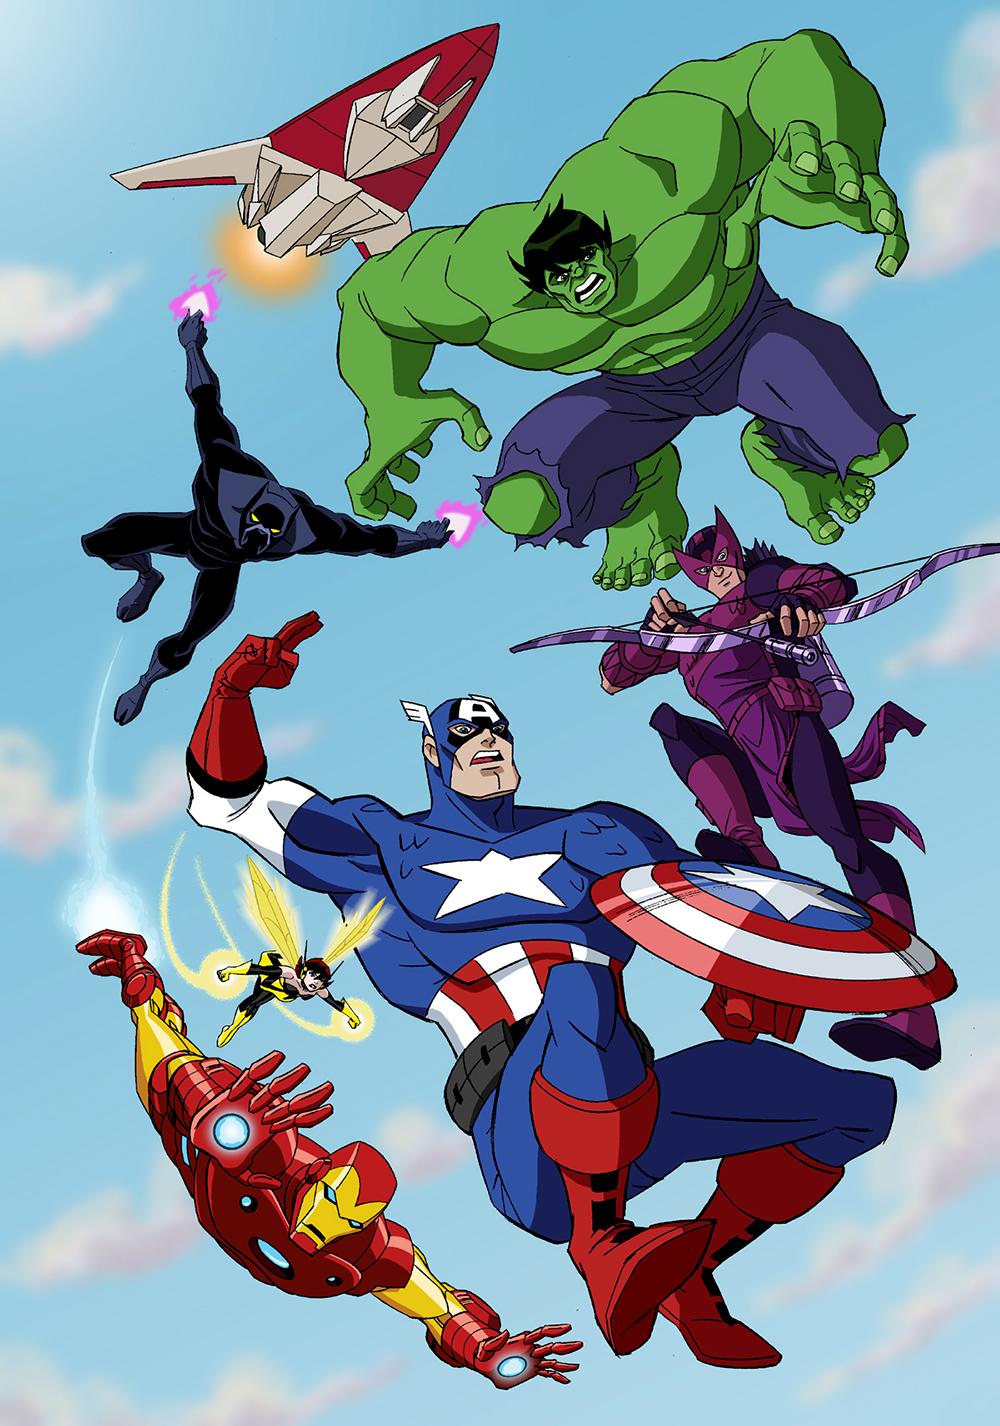 The Avengers: Earth's Mightiest Heroes  TV fanart  fanart.tv